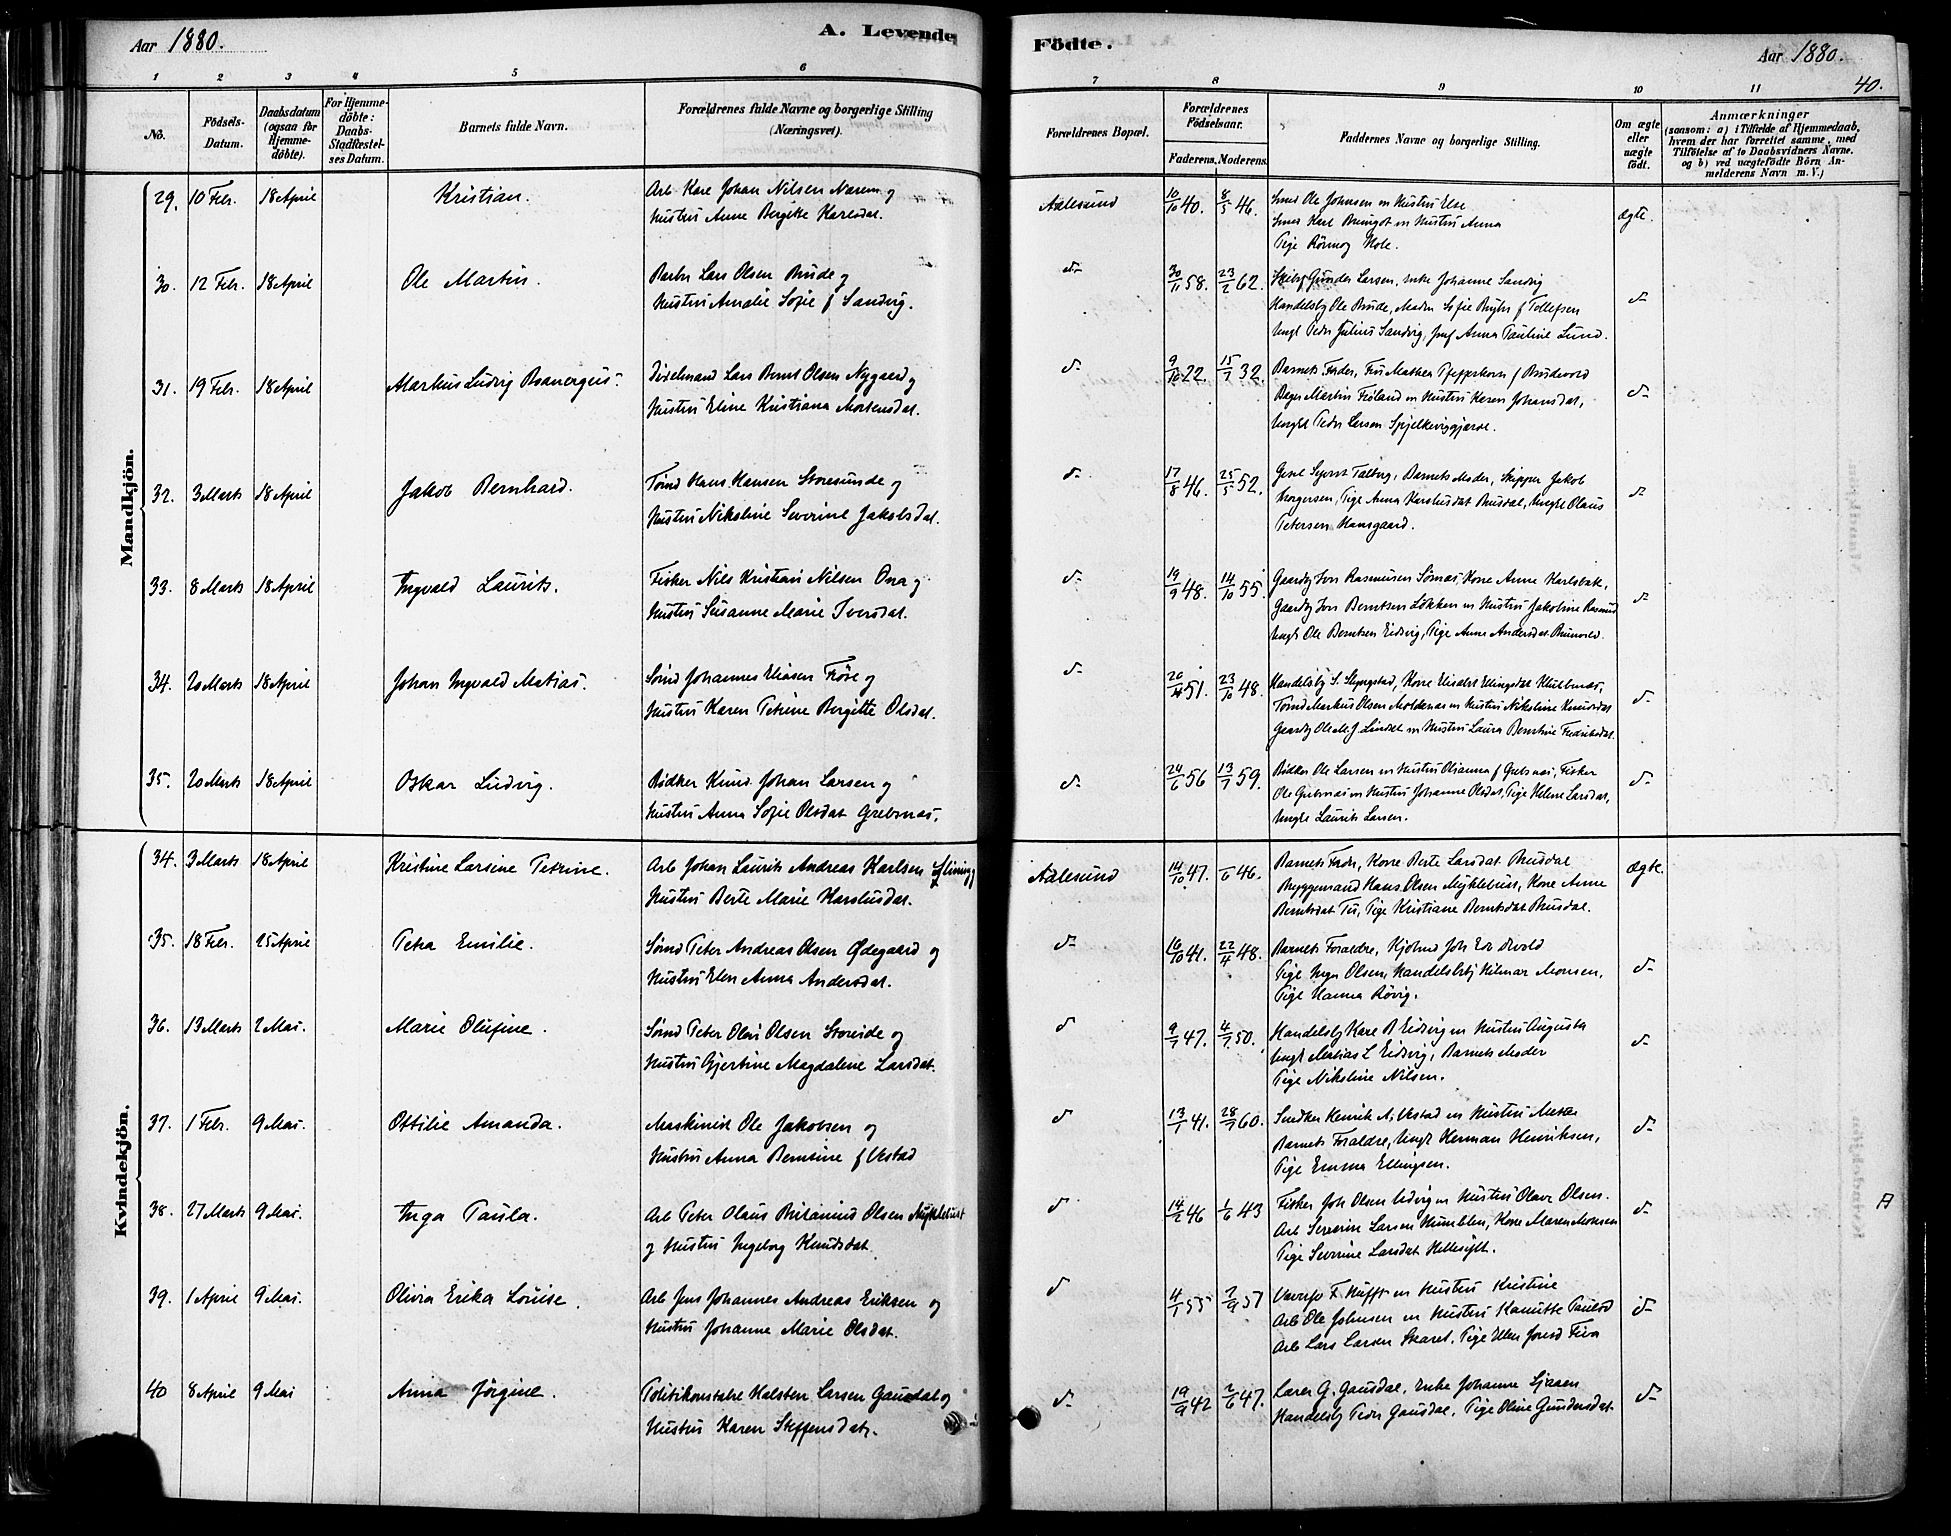 SAT, Ministerialprotokoller, klokkerbøker og fødselsregistre - Møre og Romsdal, 529/L0454: Ministerialbok nr. 529A04, 1878-1885, s. 40